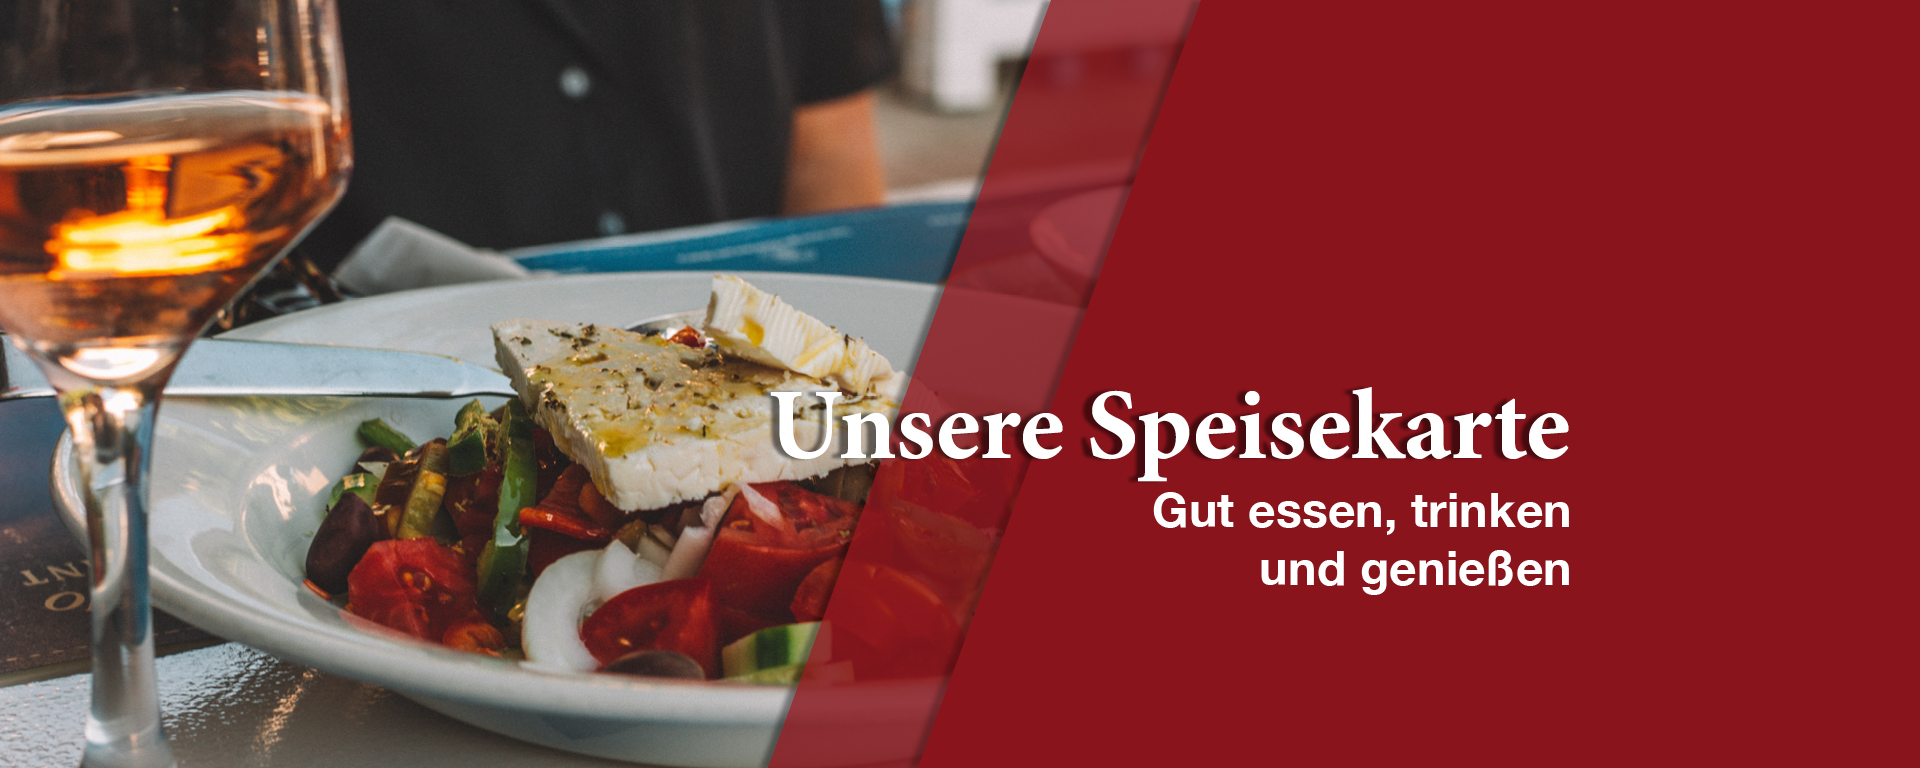 Speisekarte, Essen in Kornwestheim, Grichische Küche, Gaststätte